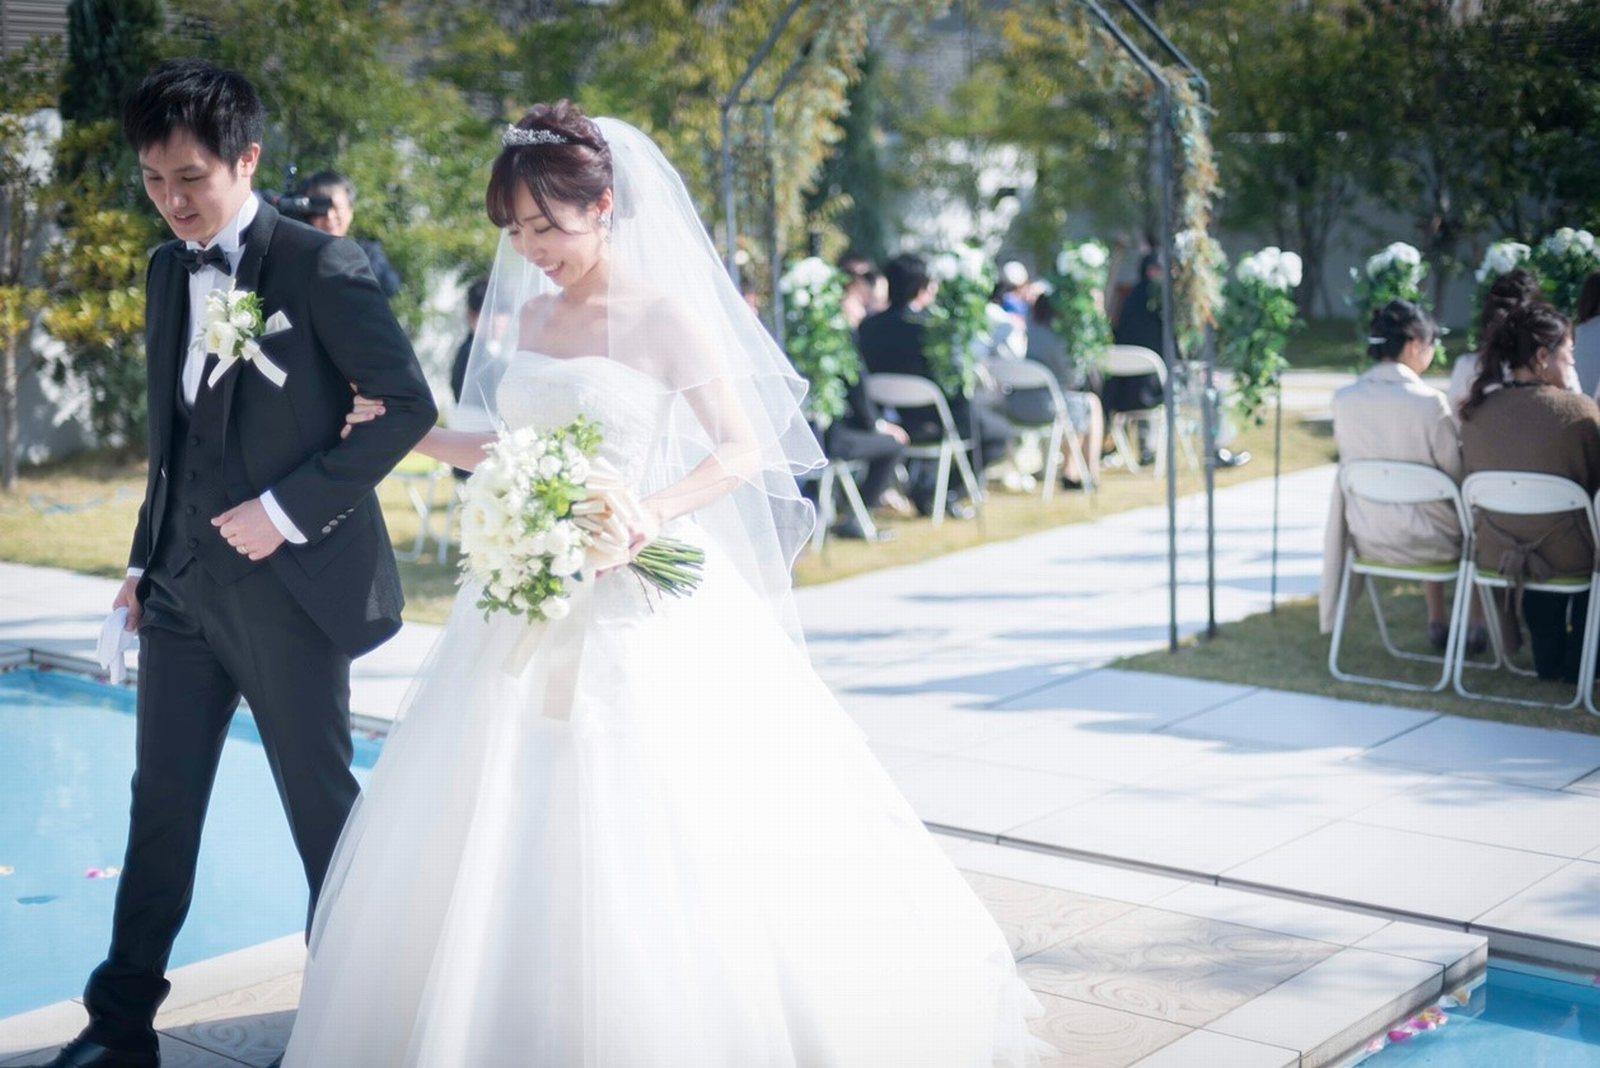 香川県の結婚式場のシェルエメール&アイスタイルのガーデン挙式